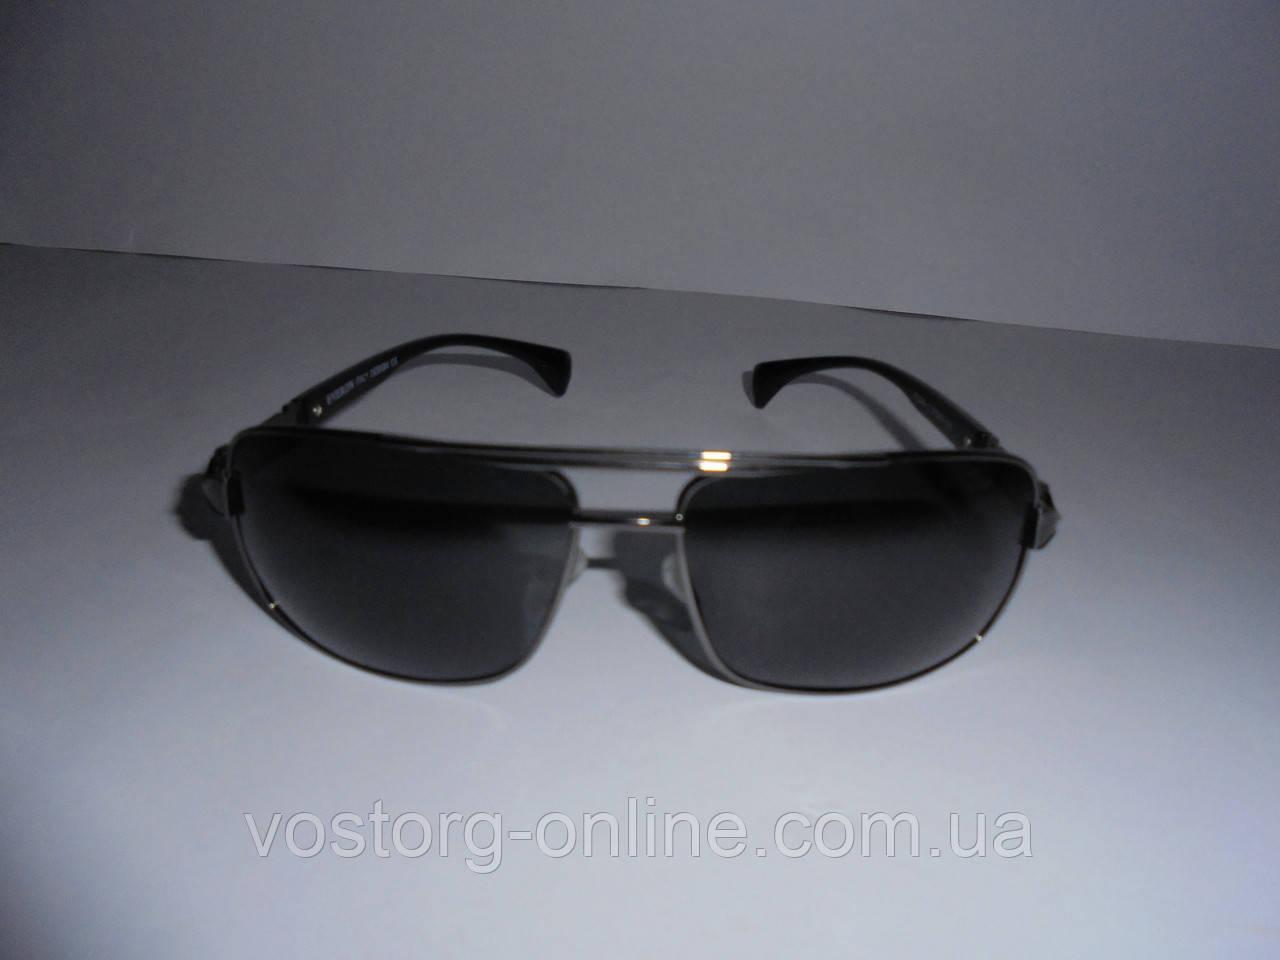 переделать солнцезащитные очки